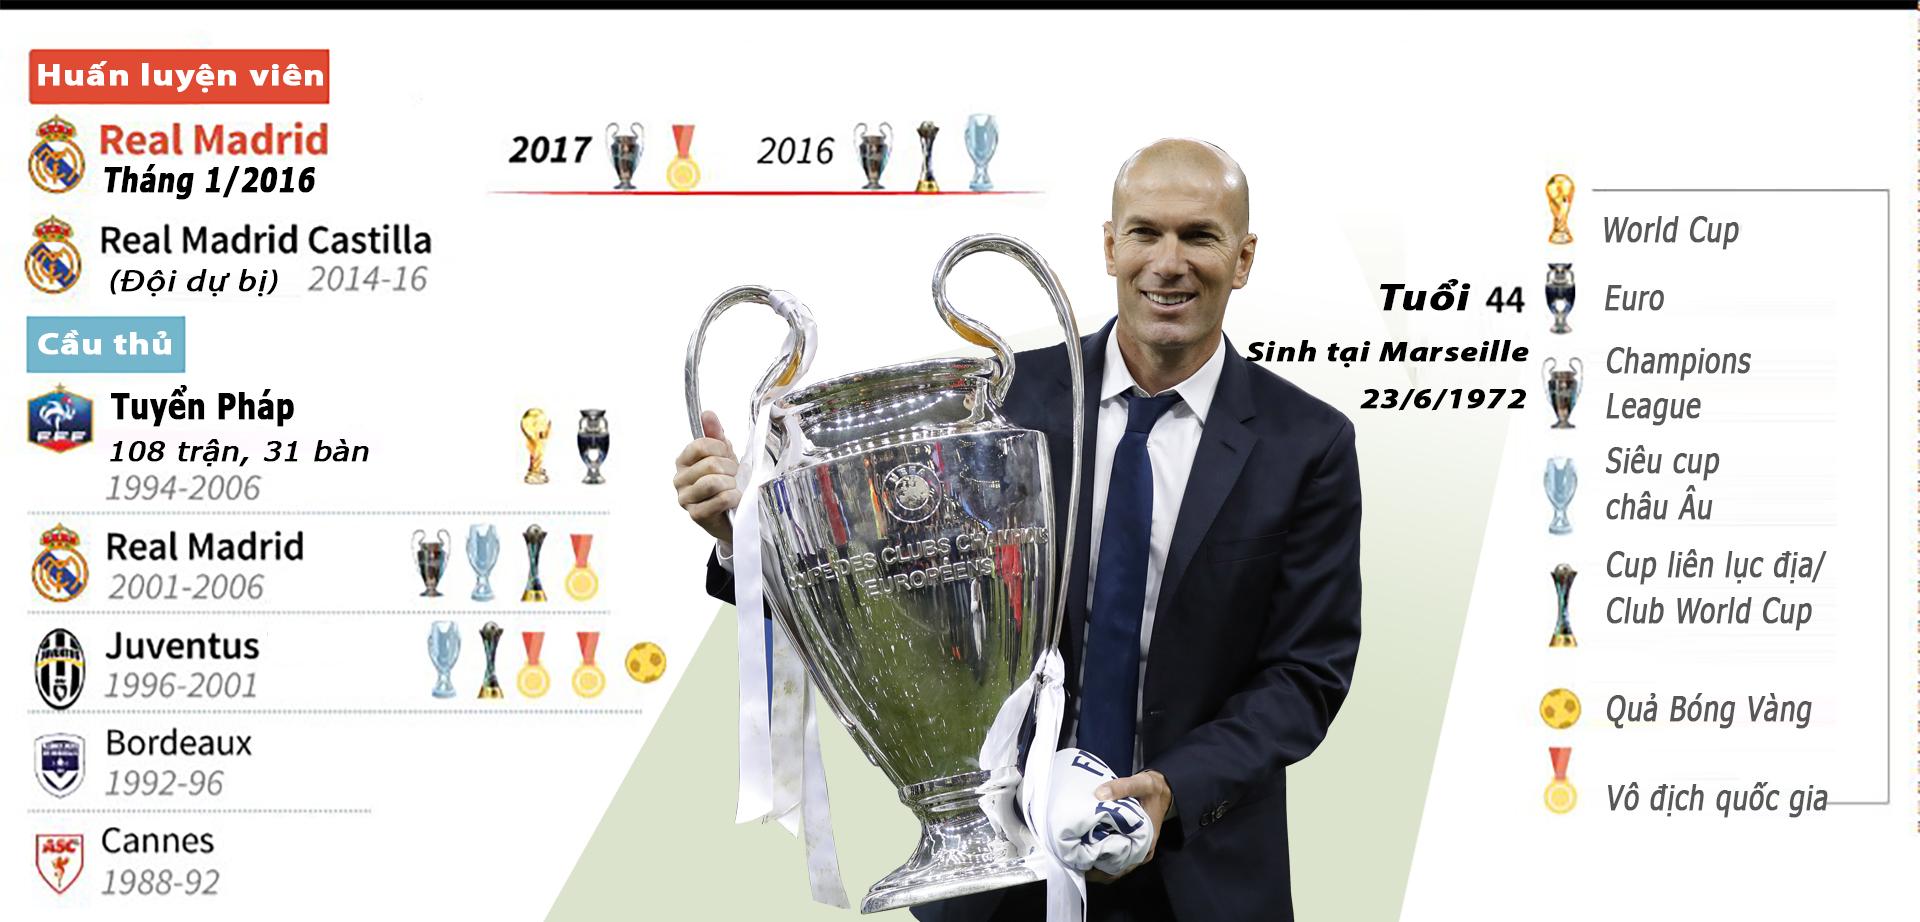 Bộ sưu tập danh hiệu đồ sộ của Zinedine Zidane